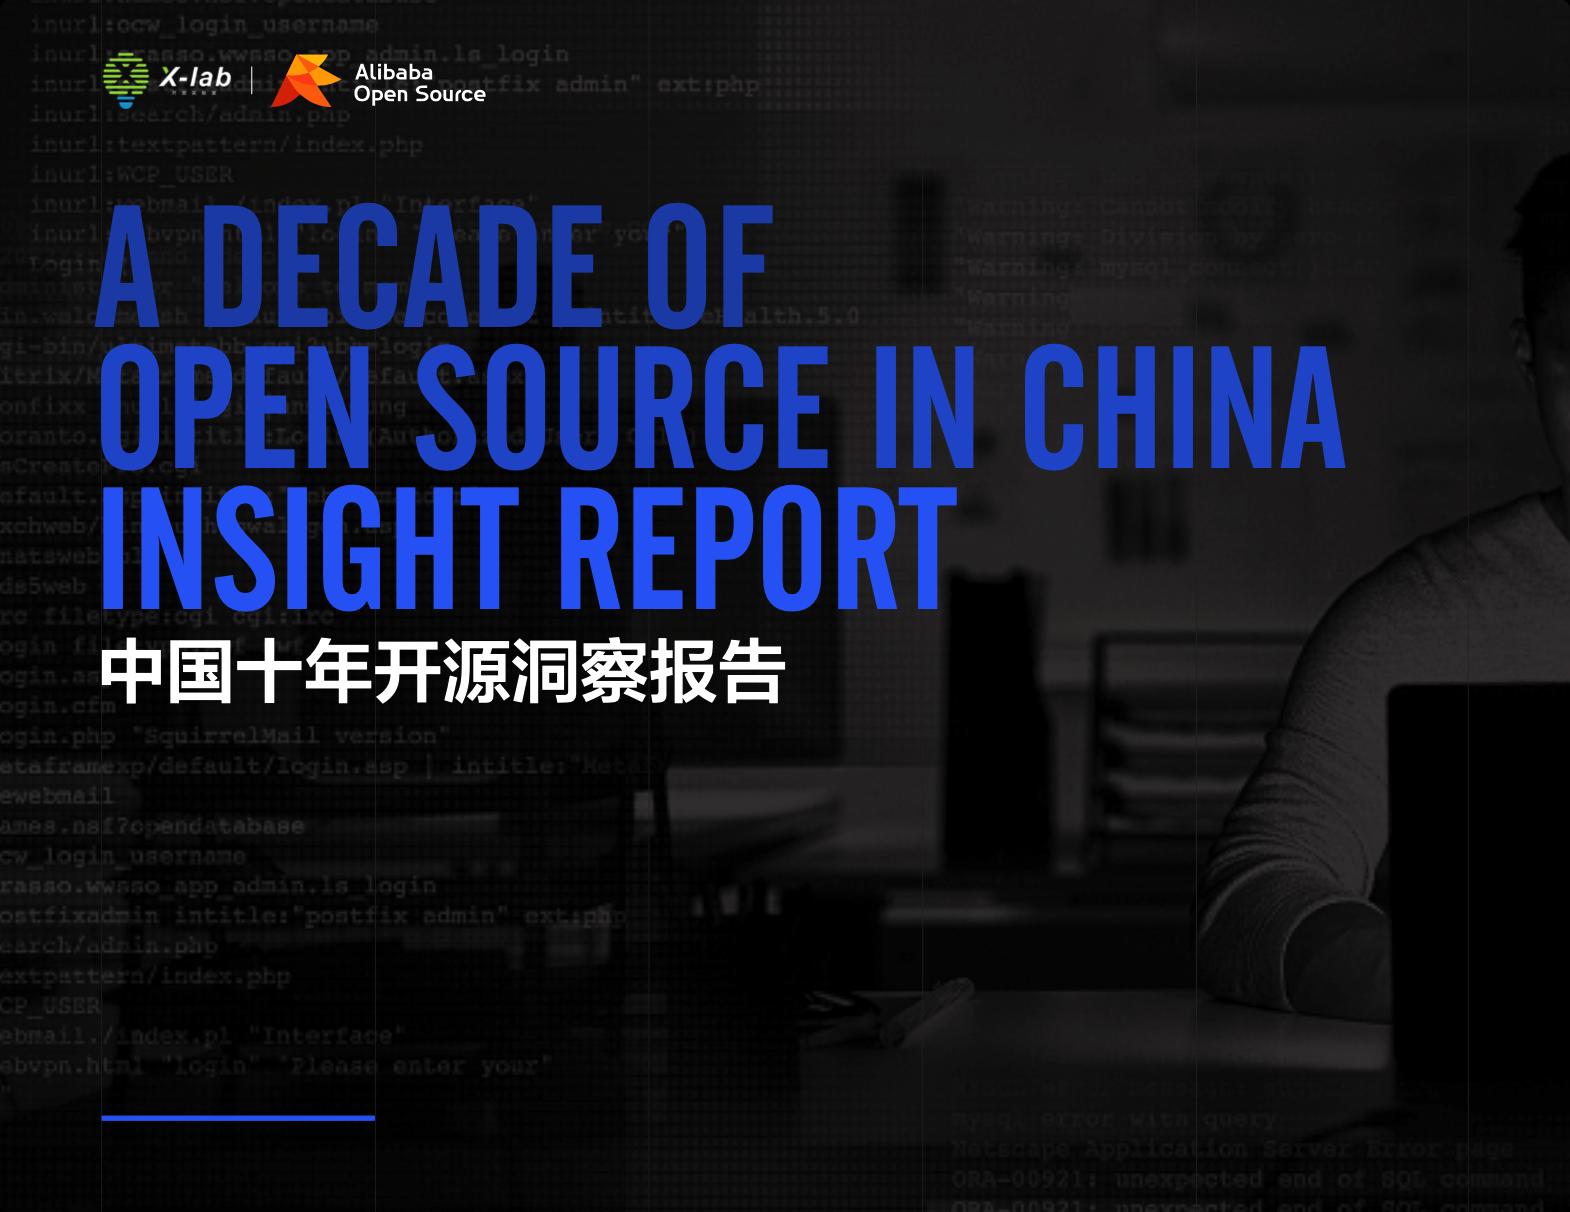 开放下载   阿里连续十年蝉联中国厂商开源活跃度NO.1,《中国开源十年洞察报告》发布